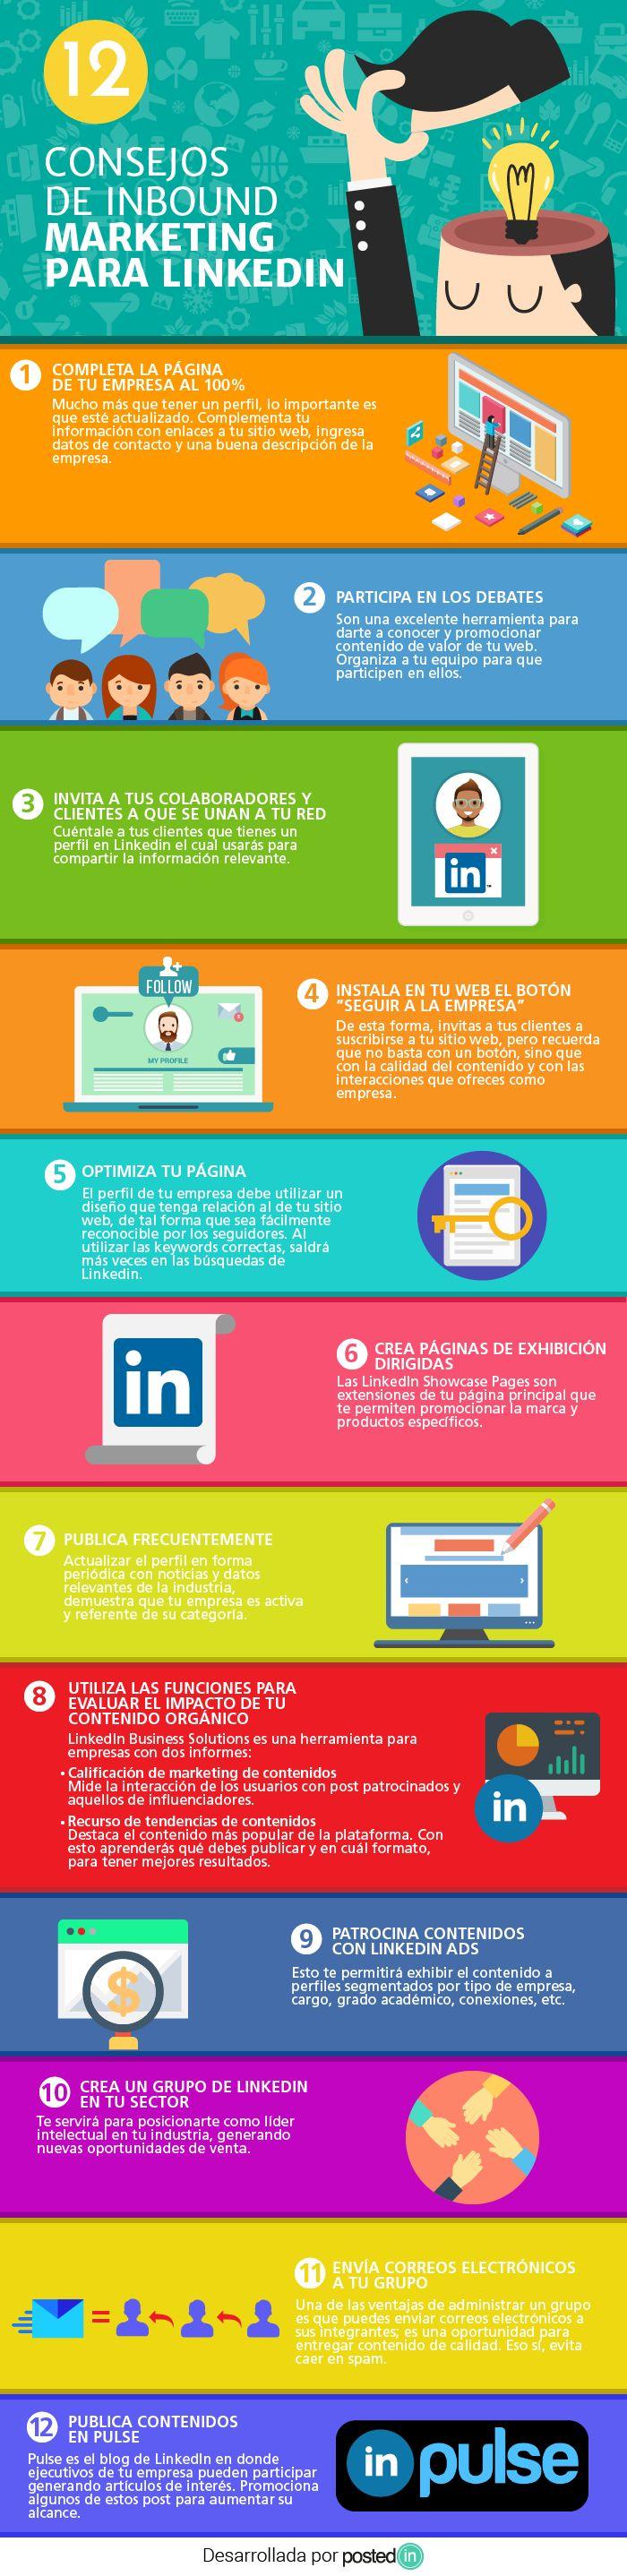 12 consejos de inbound marketing para LinkedIn #infografia